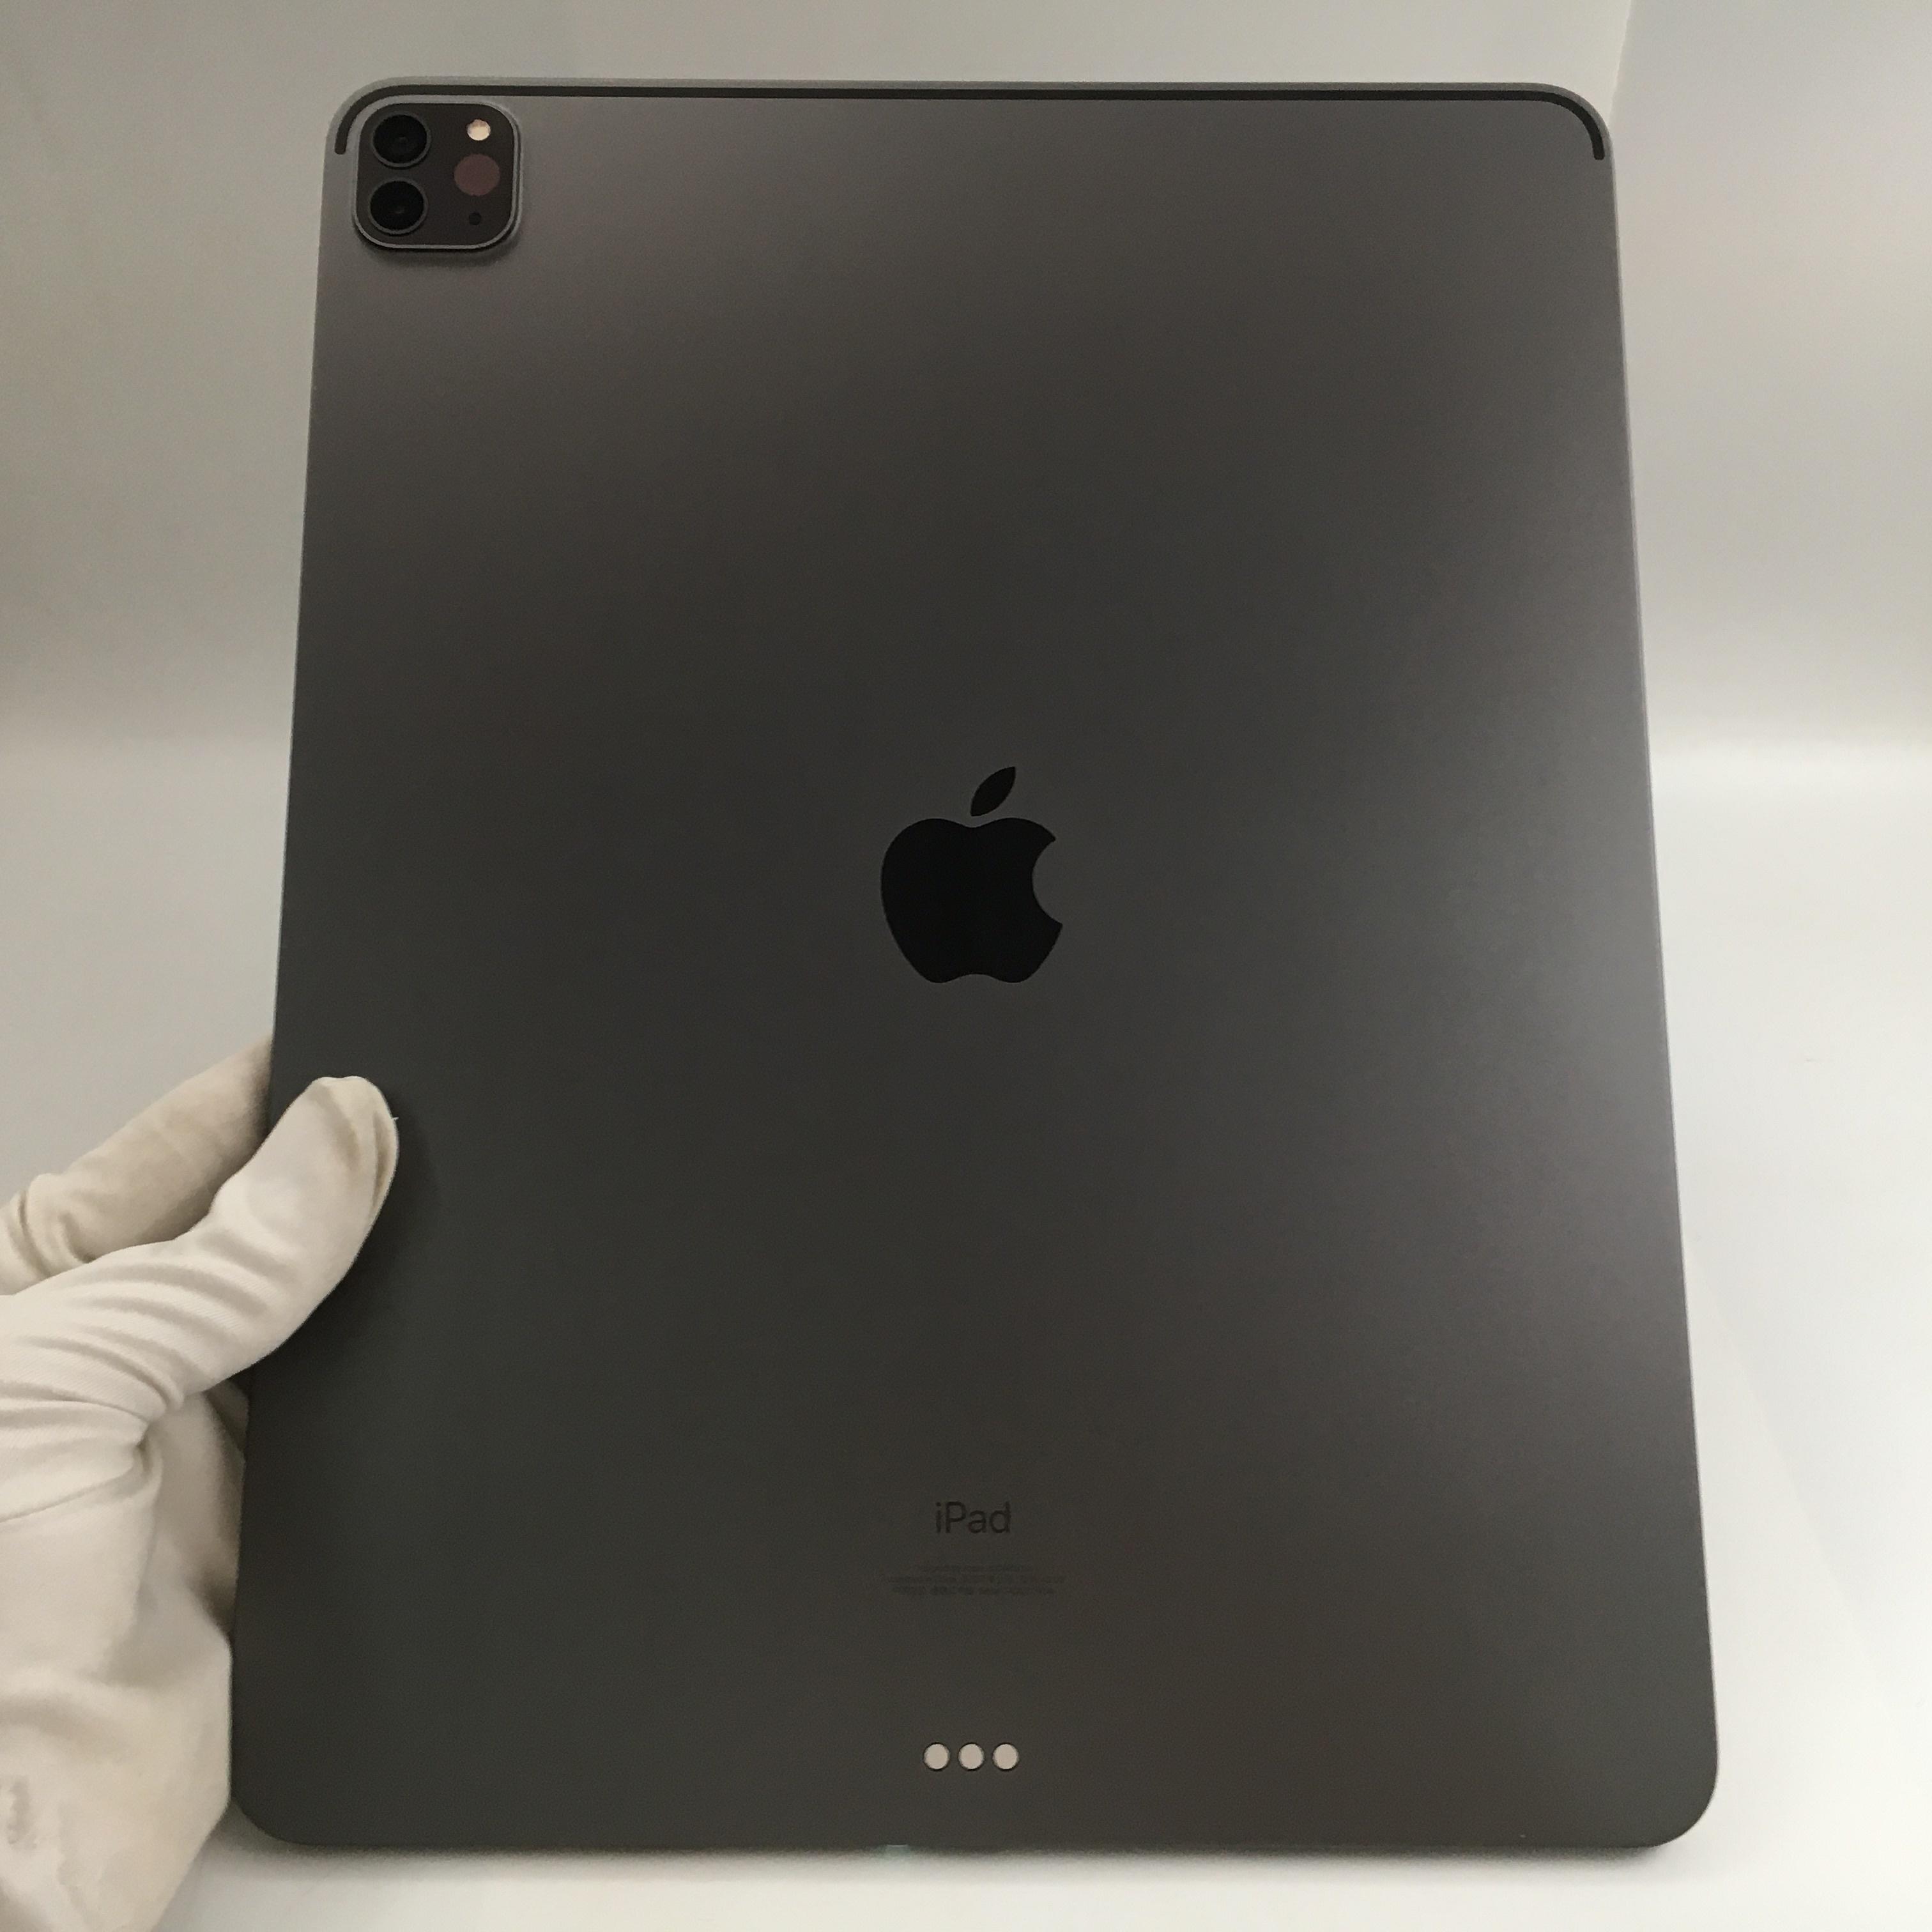 苹果【iPad Pro 12.9英寸 21款】WIFI版 深空灰 256G 国行 99新